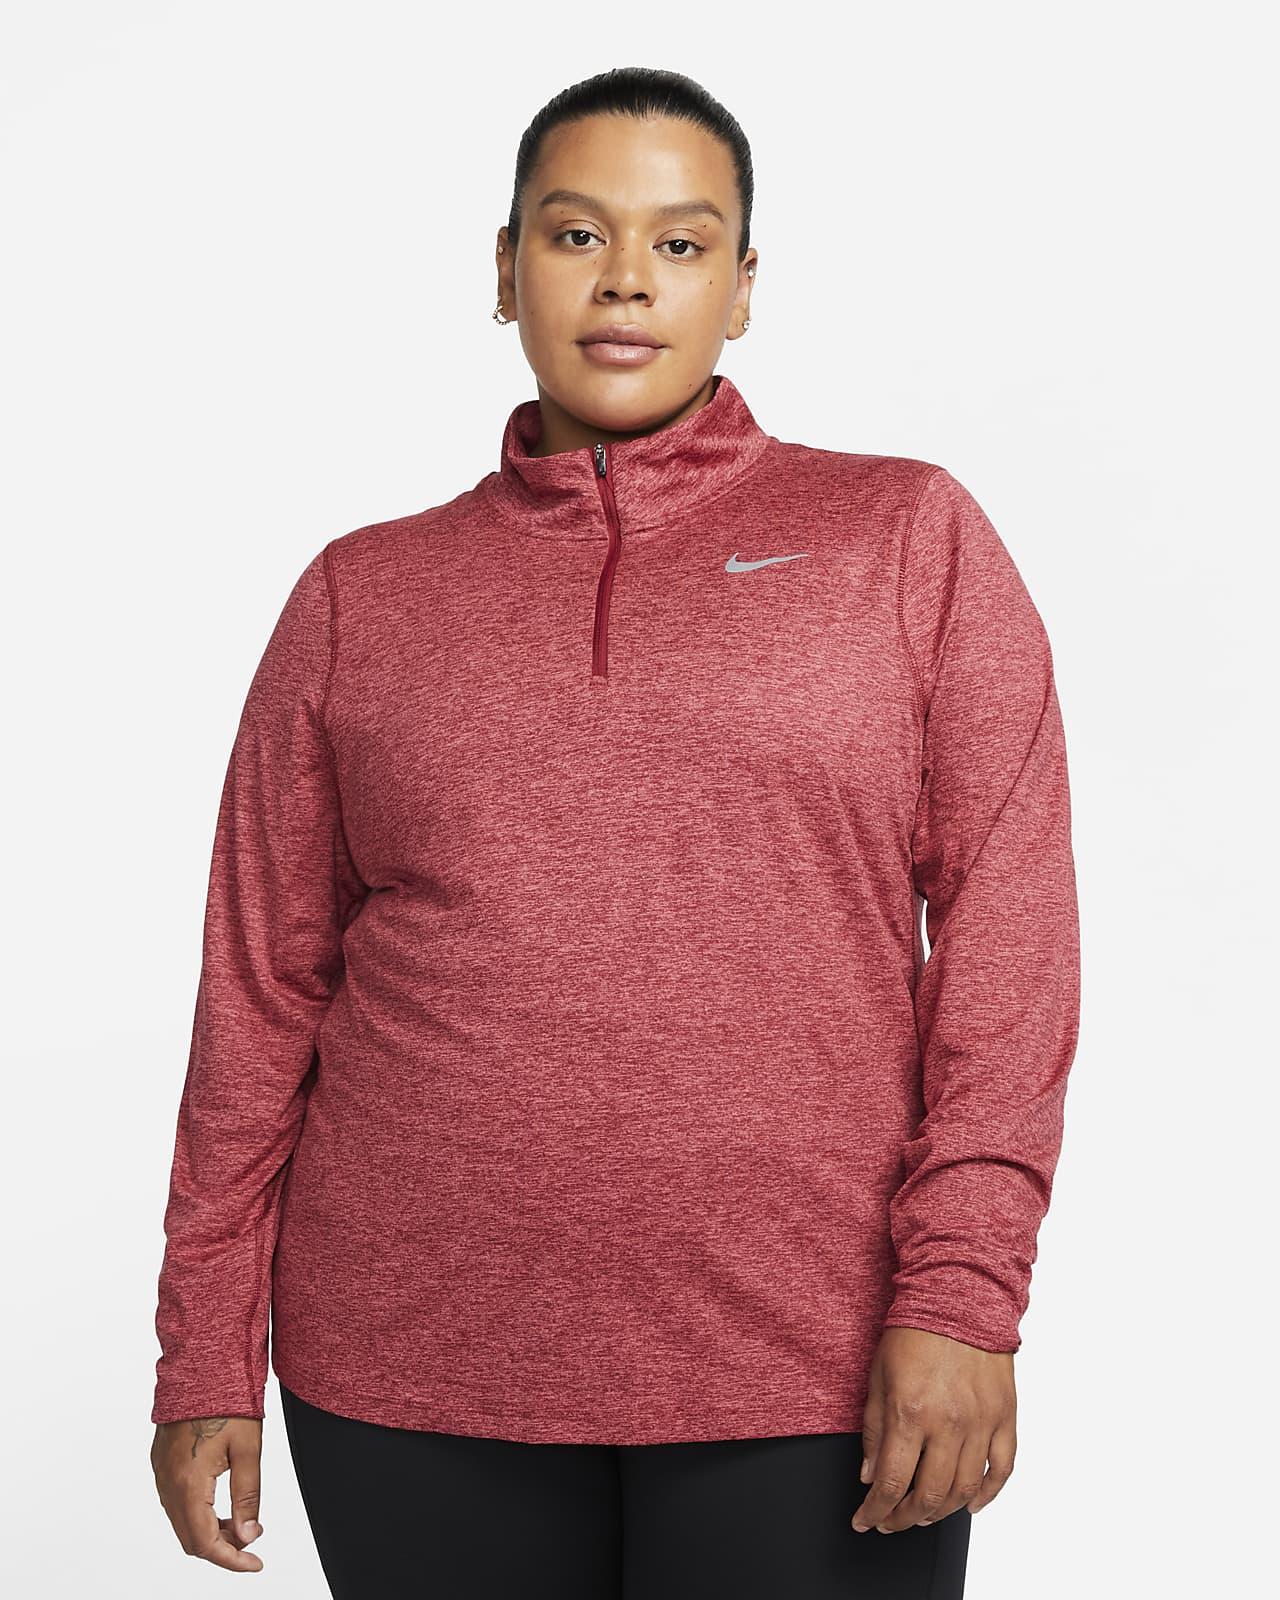 Träningströja med halv dragkedja Nike Element för kvinnor (stora storlekar)